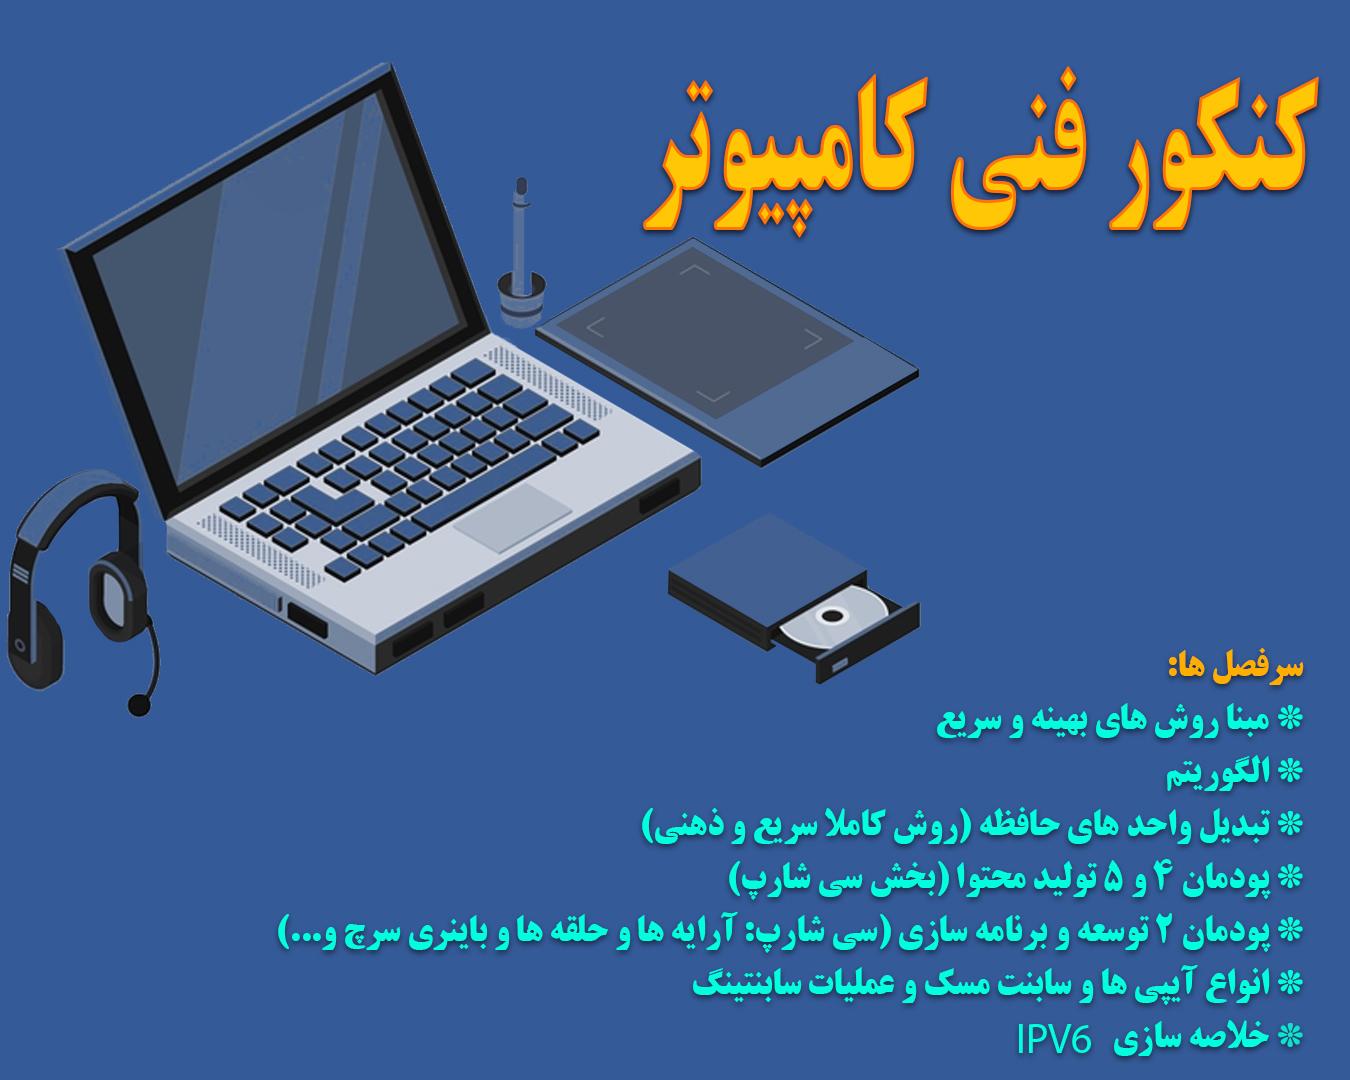 کلاس کنکور فنی کامپیوتر